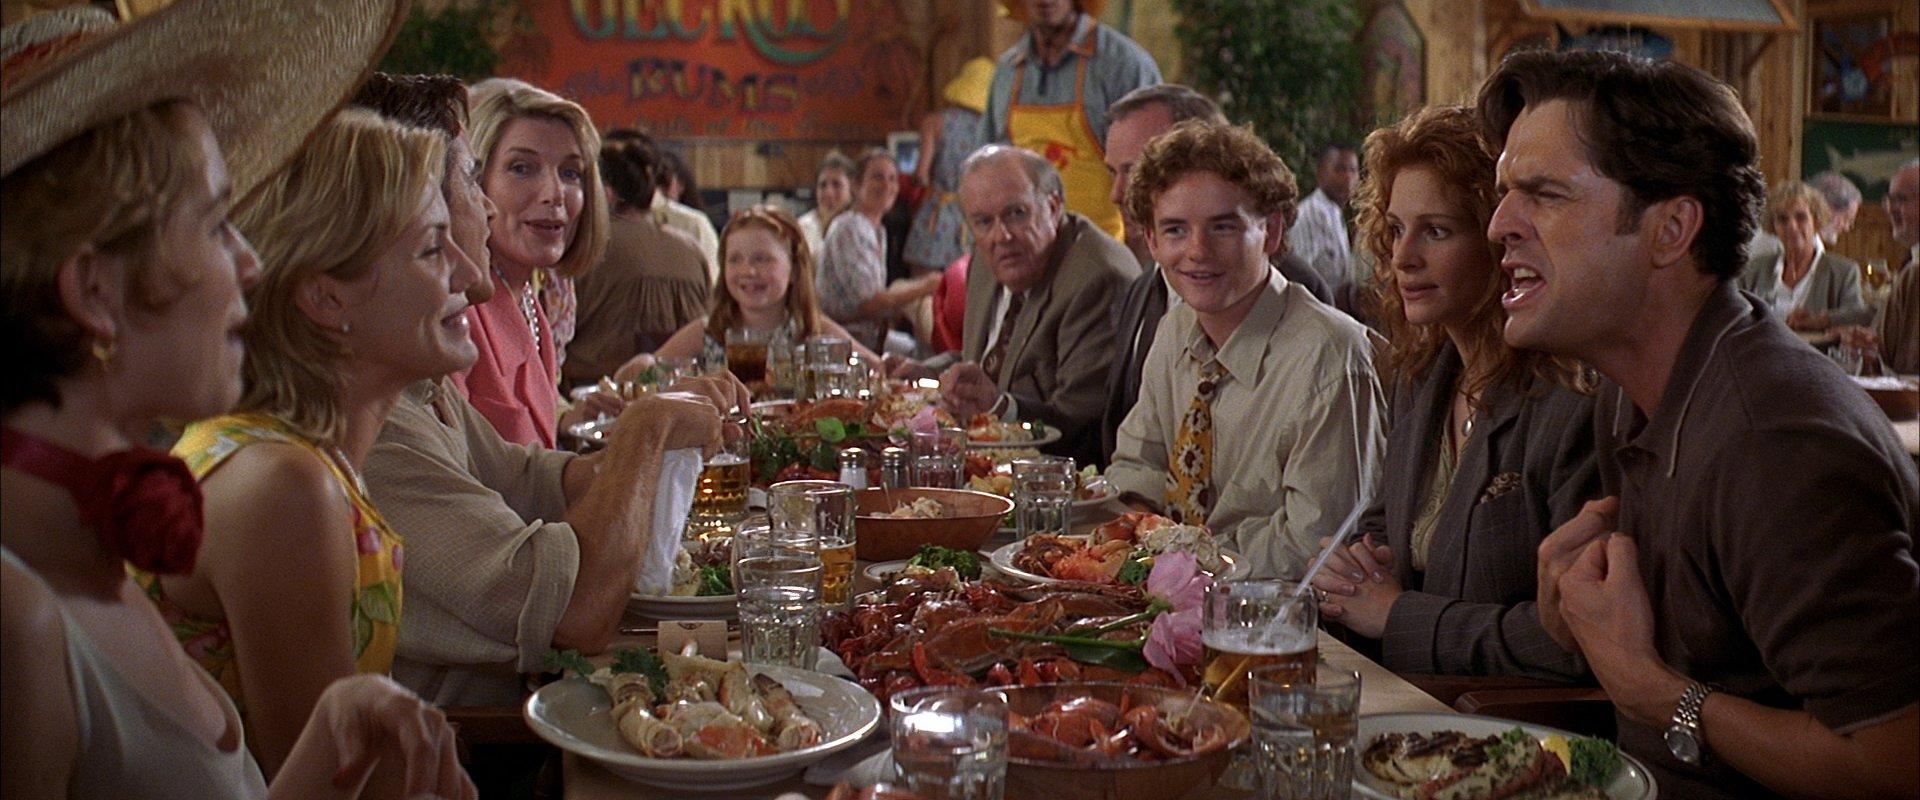 Rupert Everett fjerner siste rest av tvil om sin karakters motivasjon i «My Best Friend's Wedding»